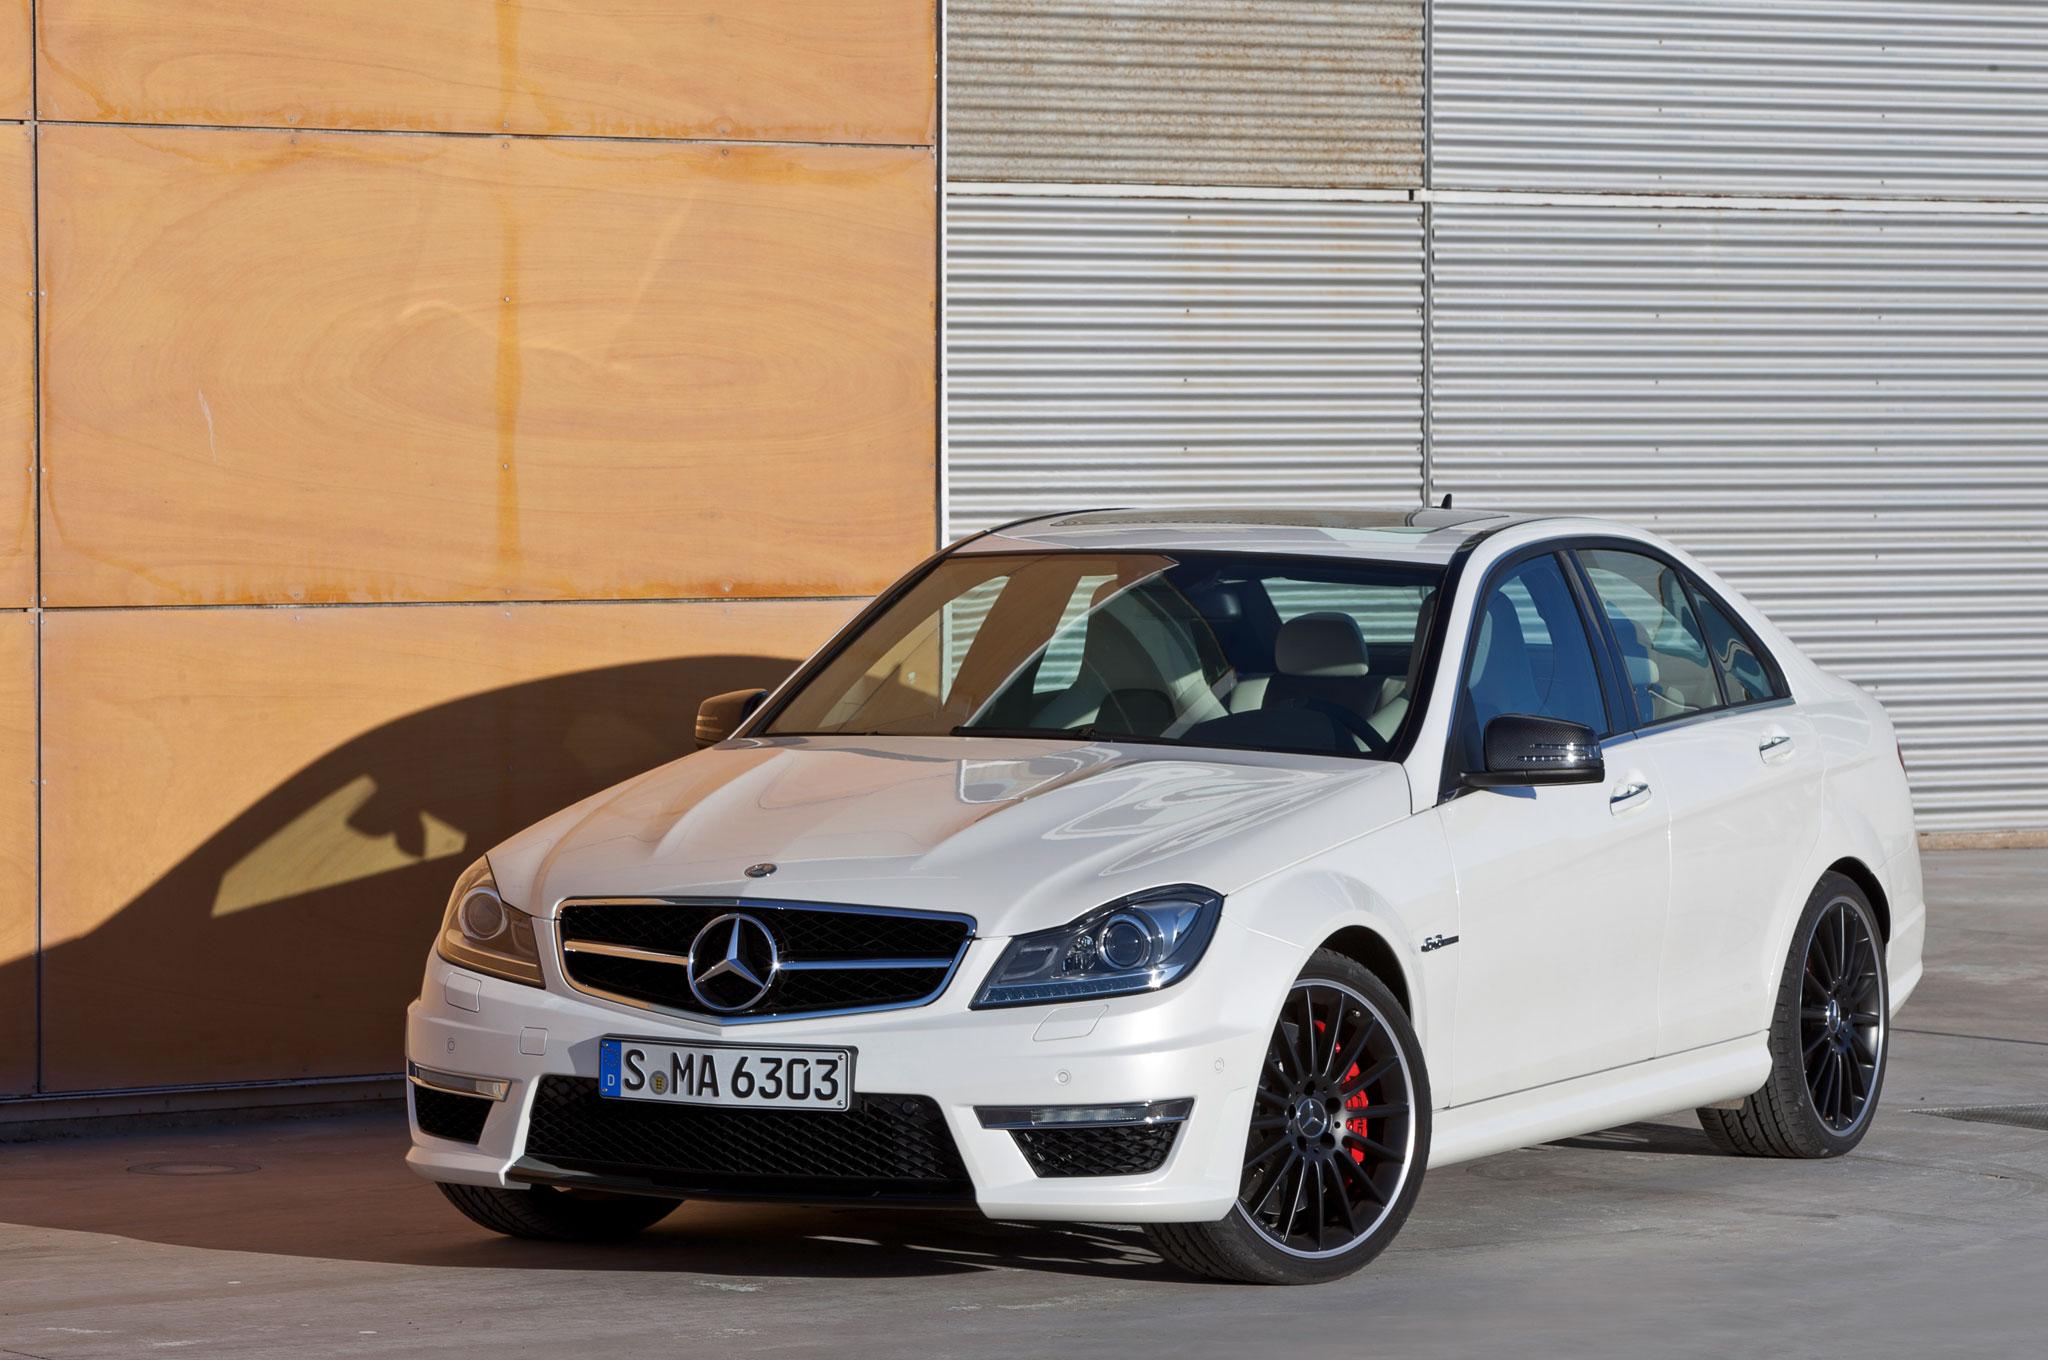 2012 Mercedes-Benz C300 4Matic - Editors' Notebook ...